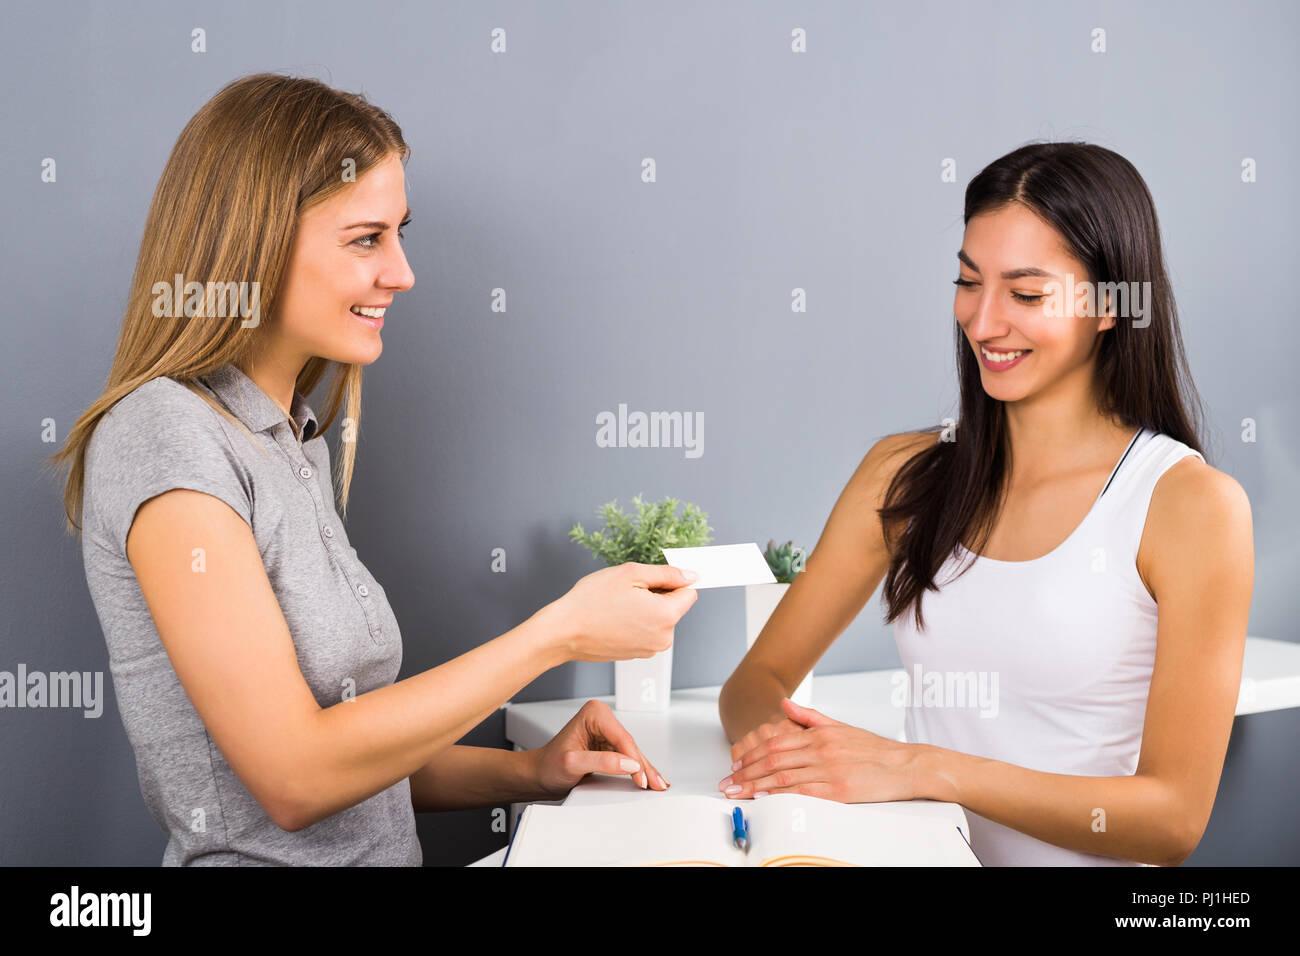 Mujer recepcionista del gimnasio está dando una tarjeta de membresía a la mujer deportiva que vinieron a hacer ejercicio. Imagen De Stock